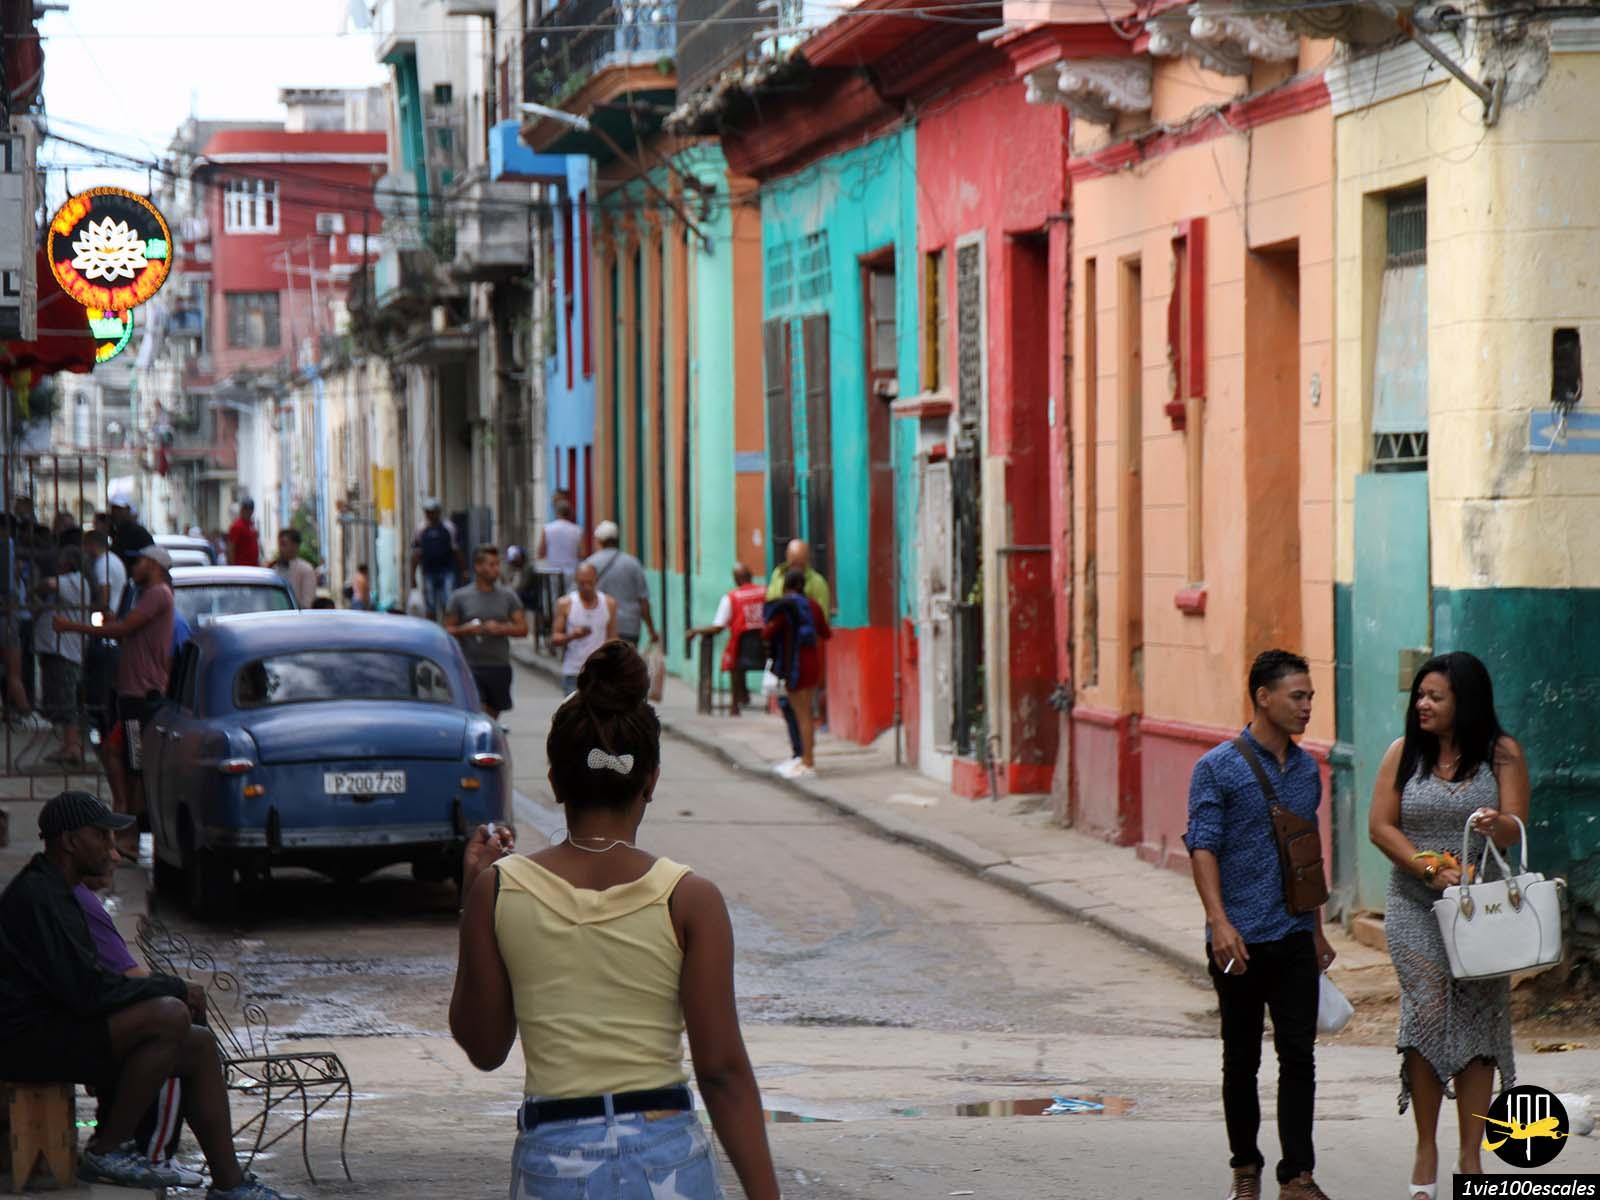 La vie animée du quartier chinois de La Havane